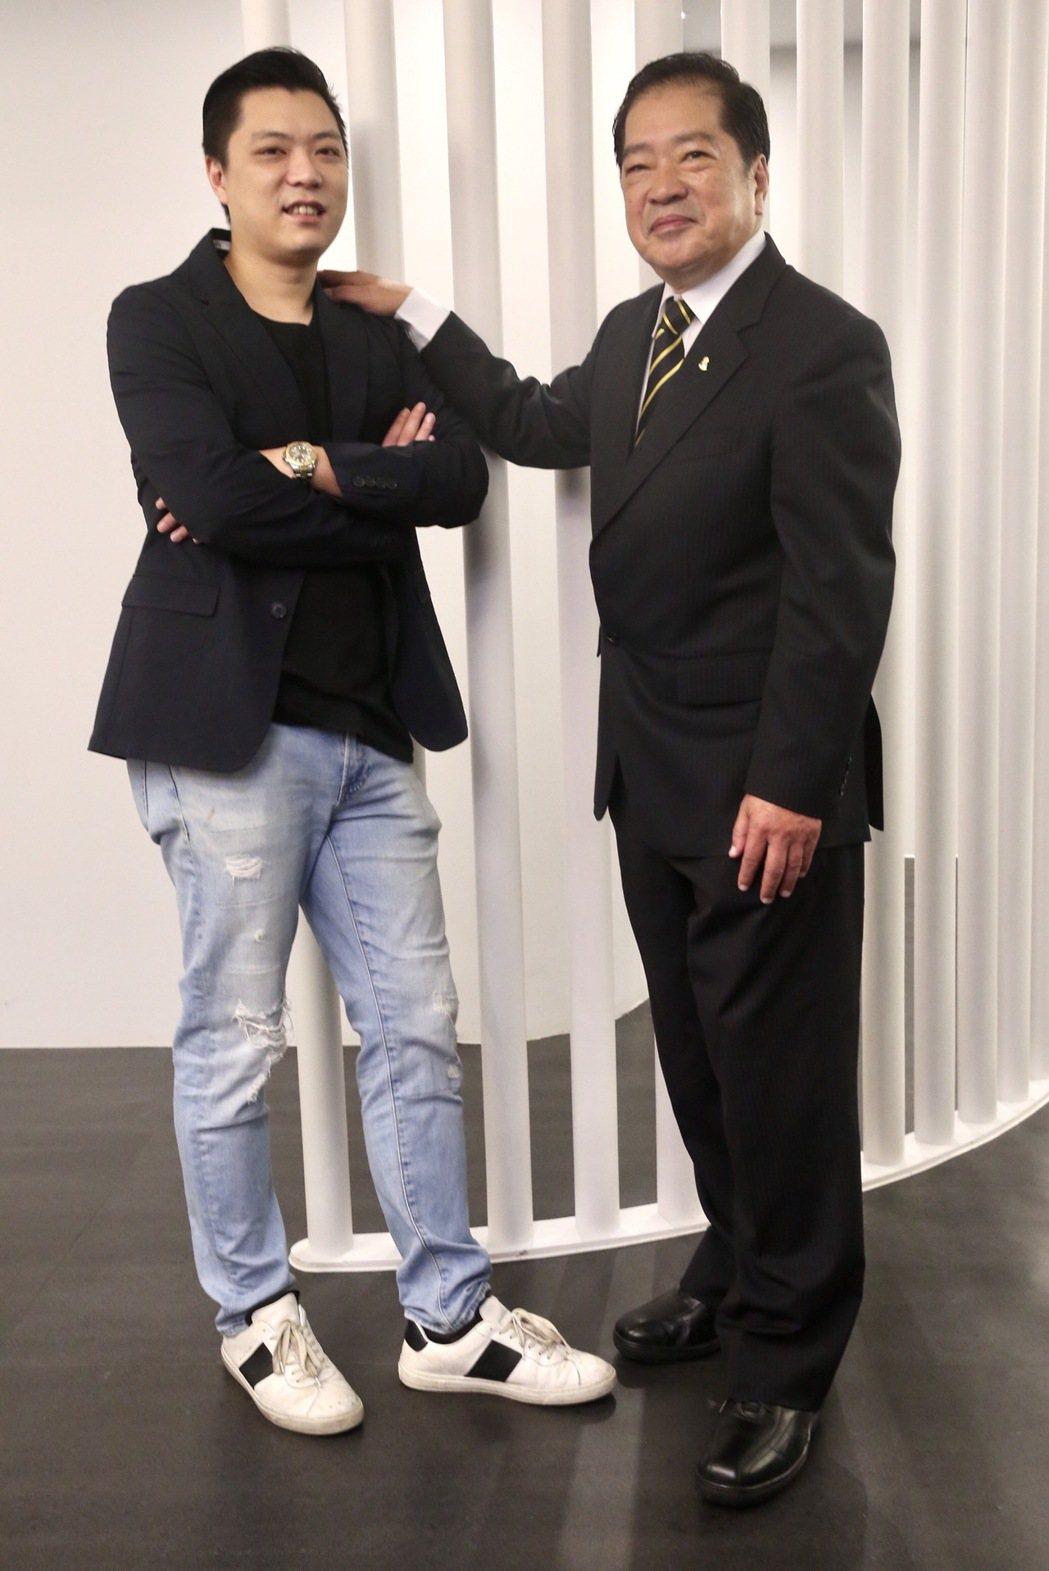 蔡耀億(右)在傳統美妝產業有所成就,但兒子蔡涵任(左)正試圖闖不同的路,兩代在創...